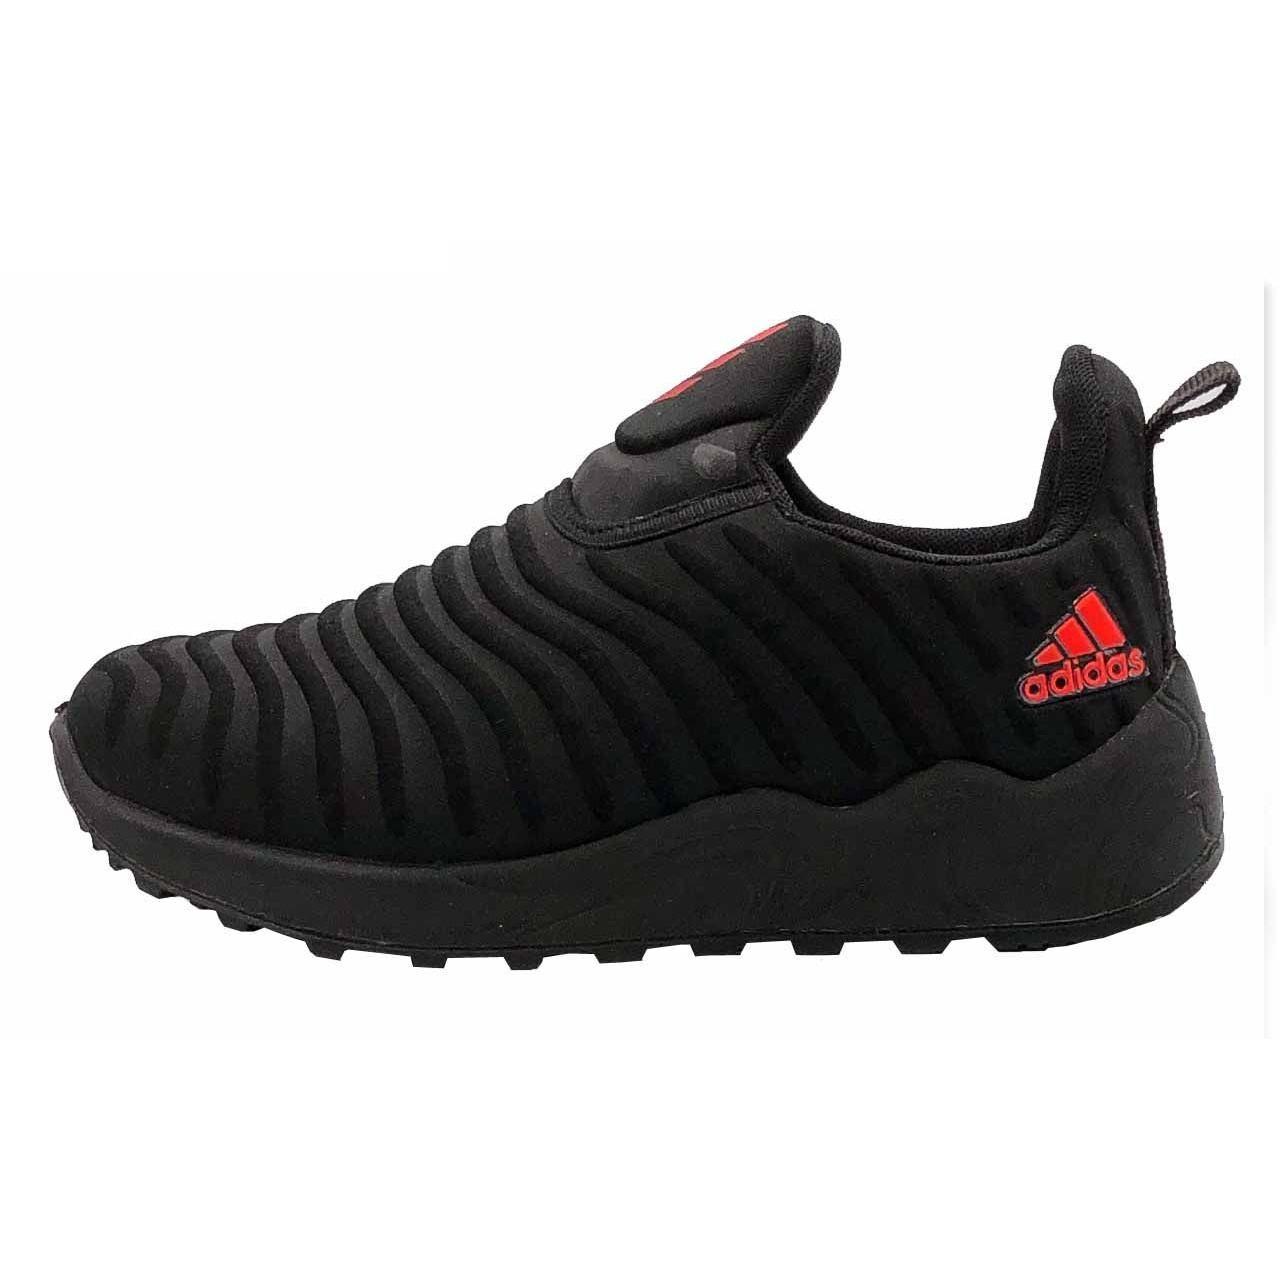 کفش مخصوص پیاده روی زنانه کد 9810 main 1 1